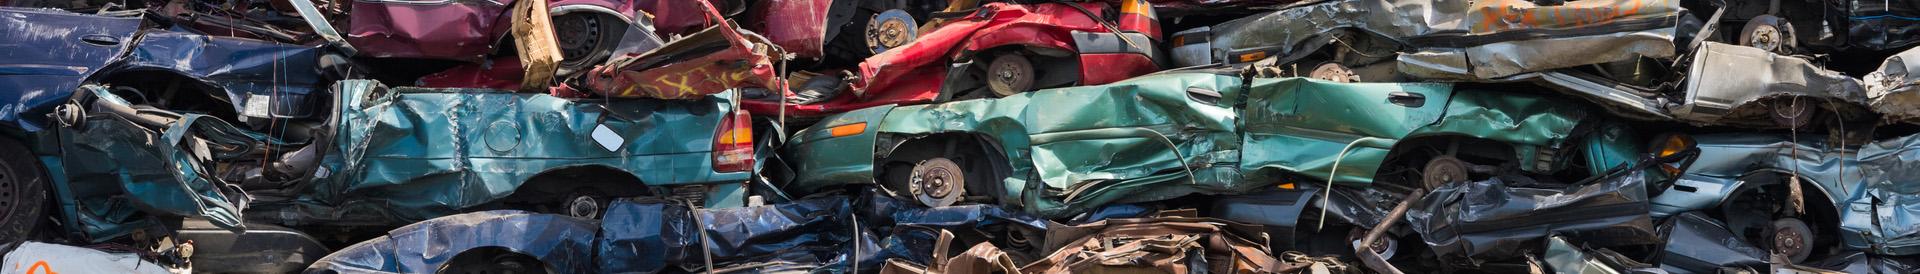 widok ułożonych aut na złomowisku